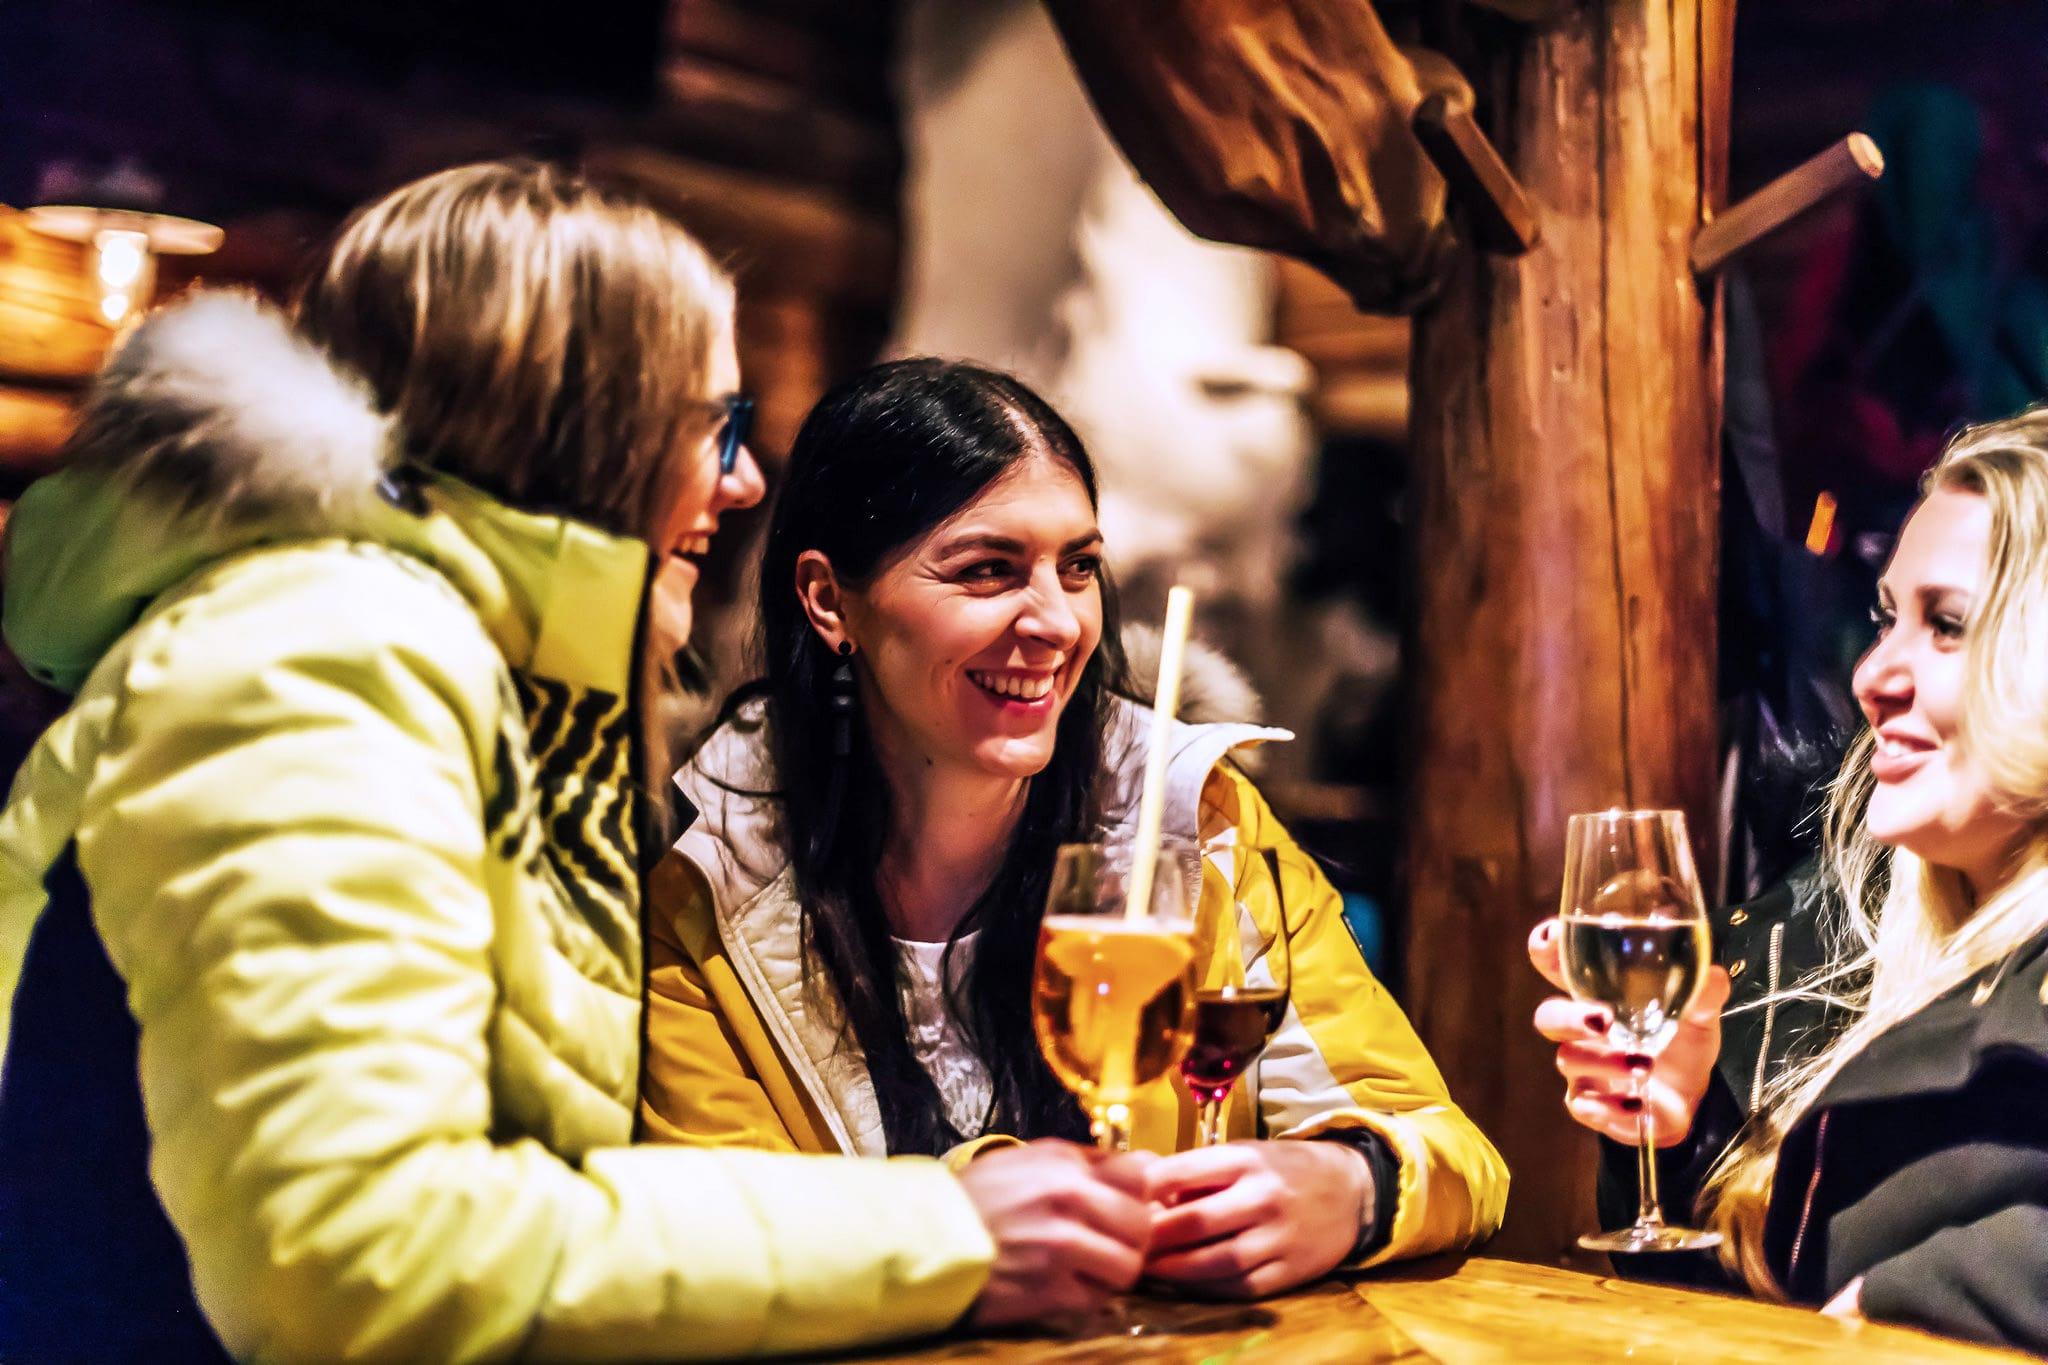 Hofgut-Wagrain-Apartment-Lifestyle-Resort-Freiheit-spueren-mit-Freunden-ApresSki